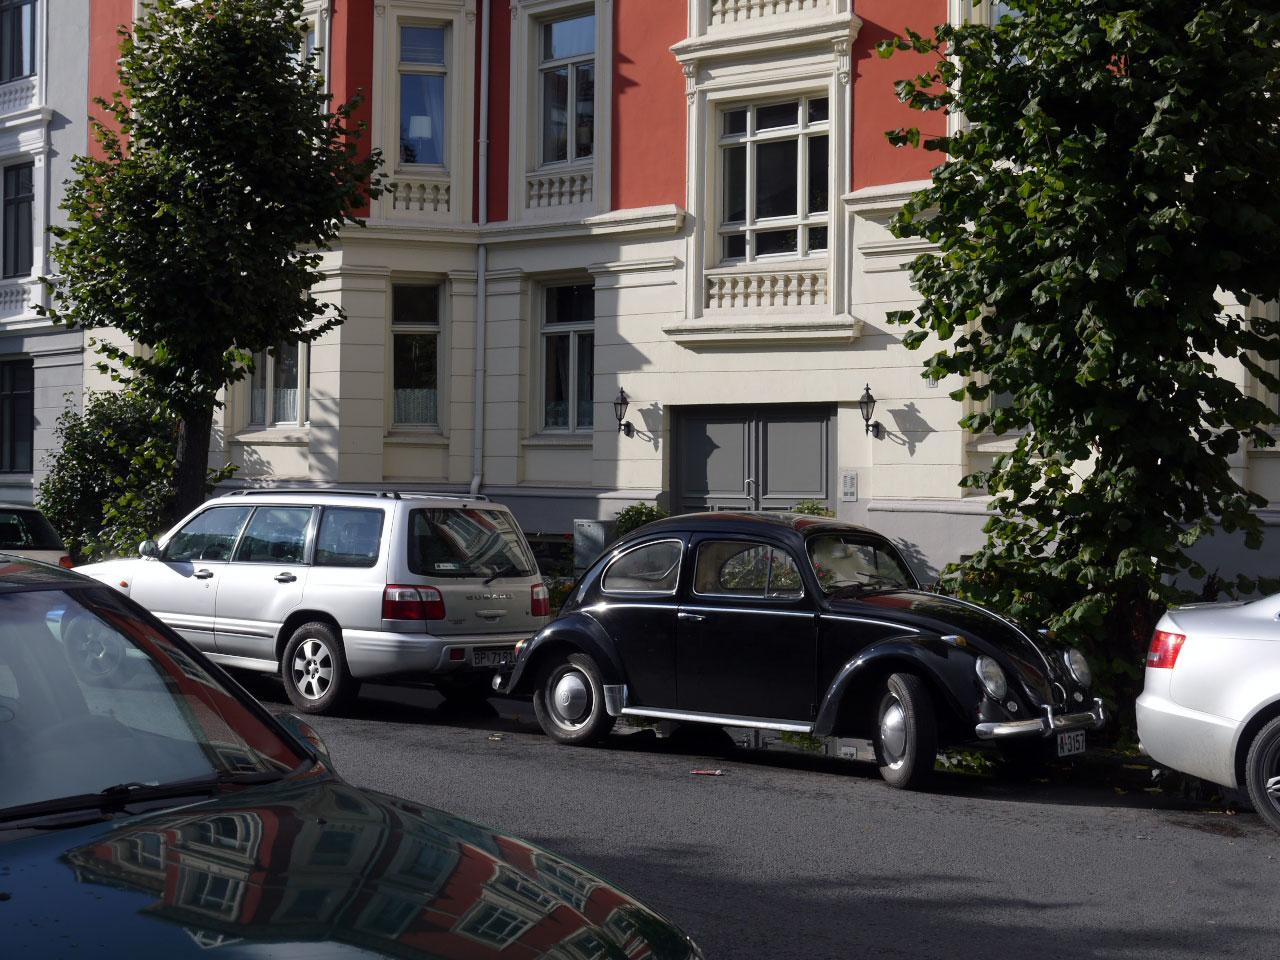 1961 Volkswagen 113 De Luxe Type 1 Beetle Boble